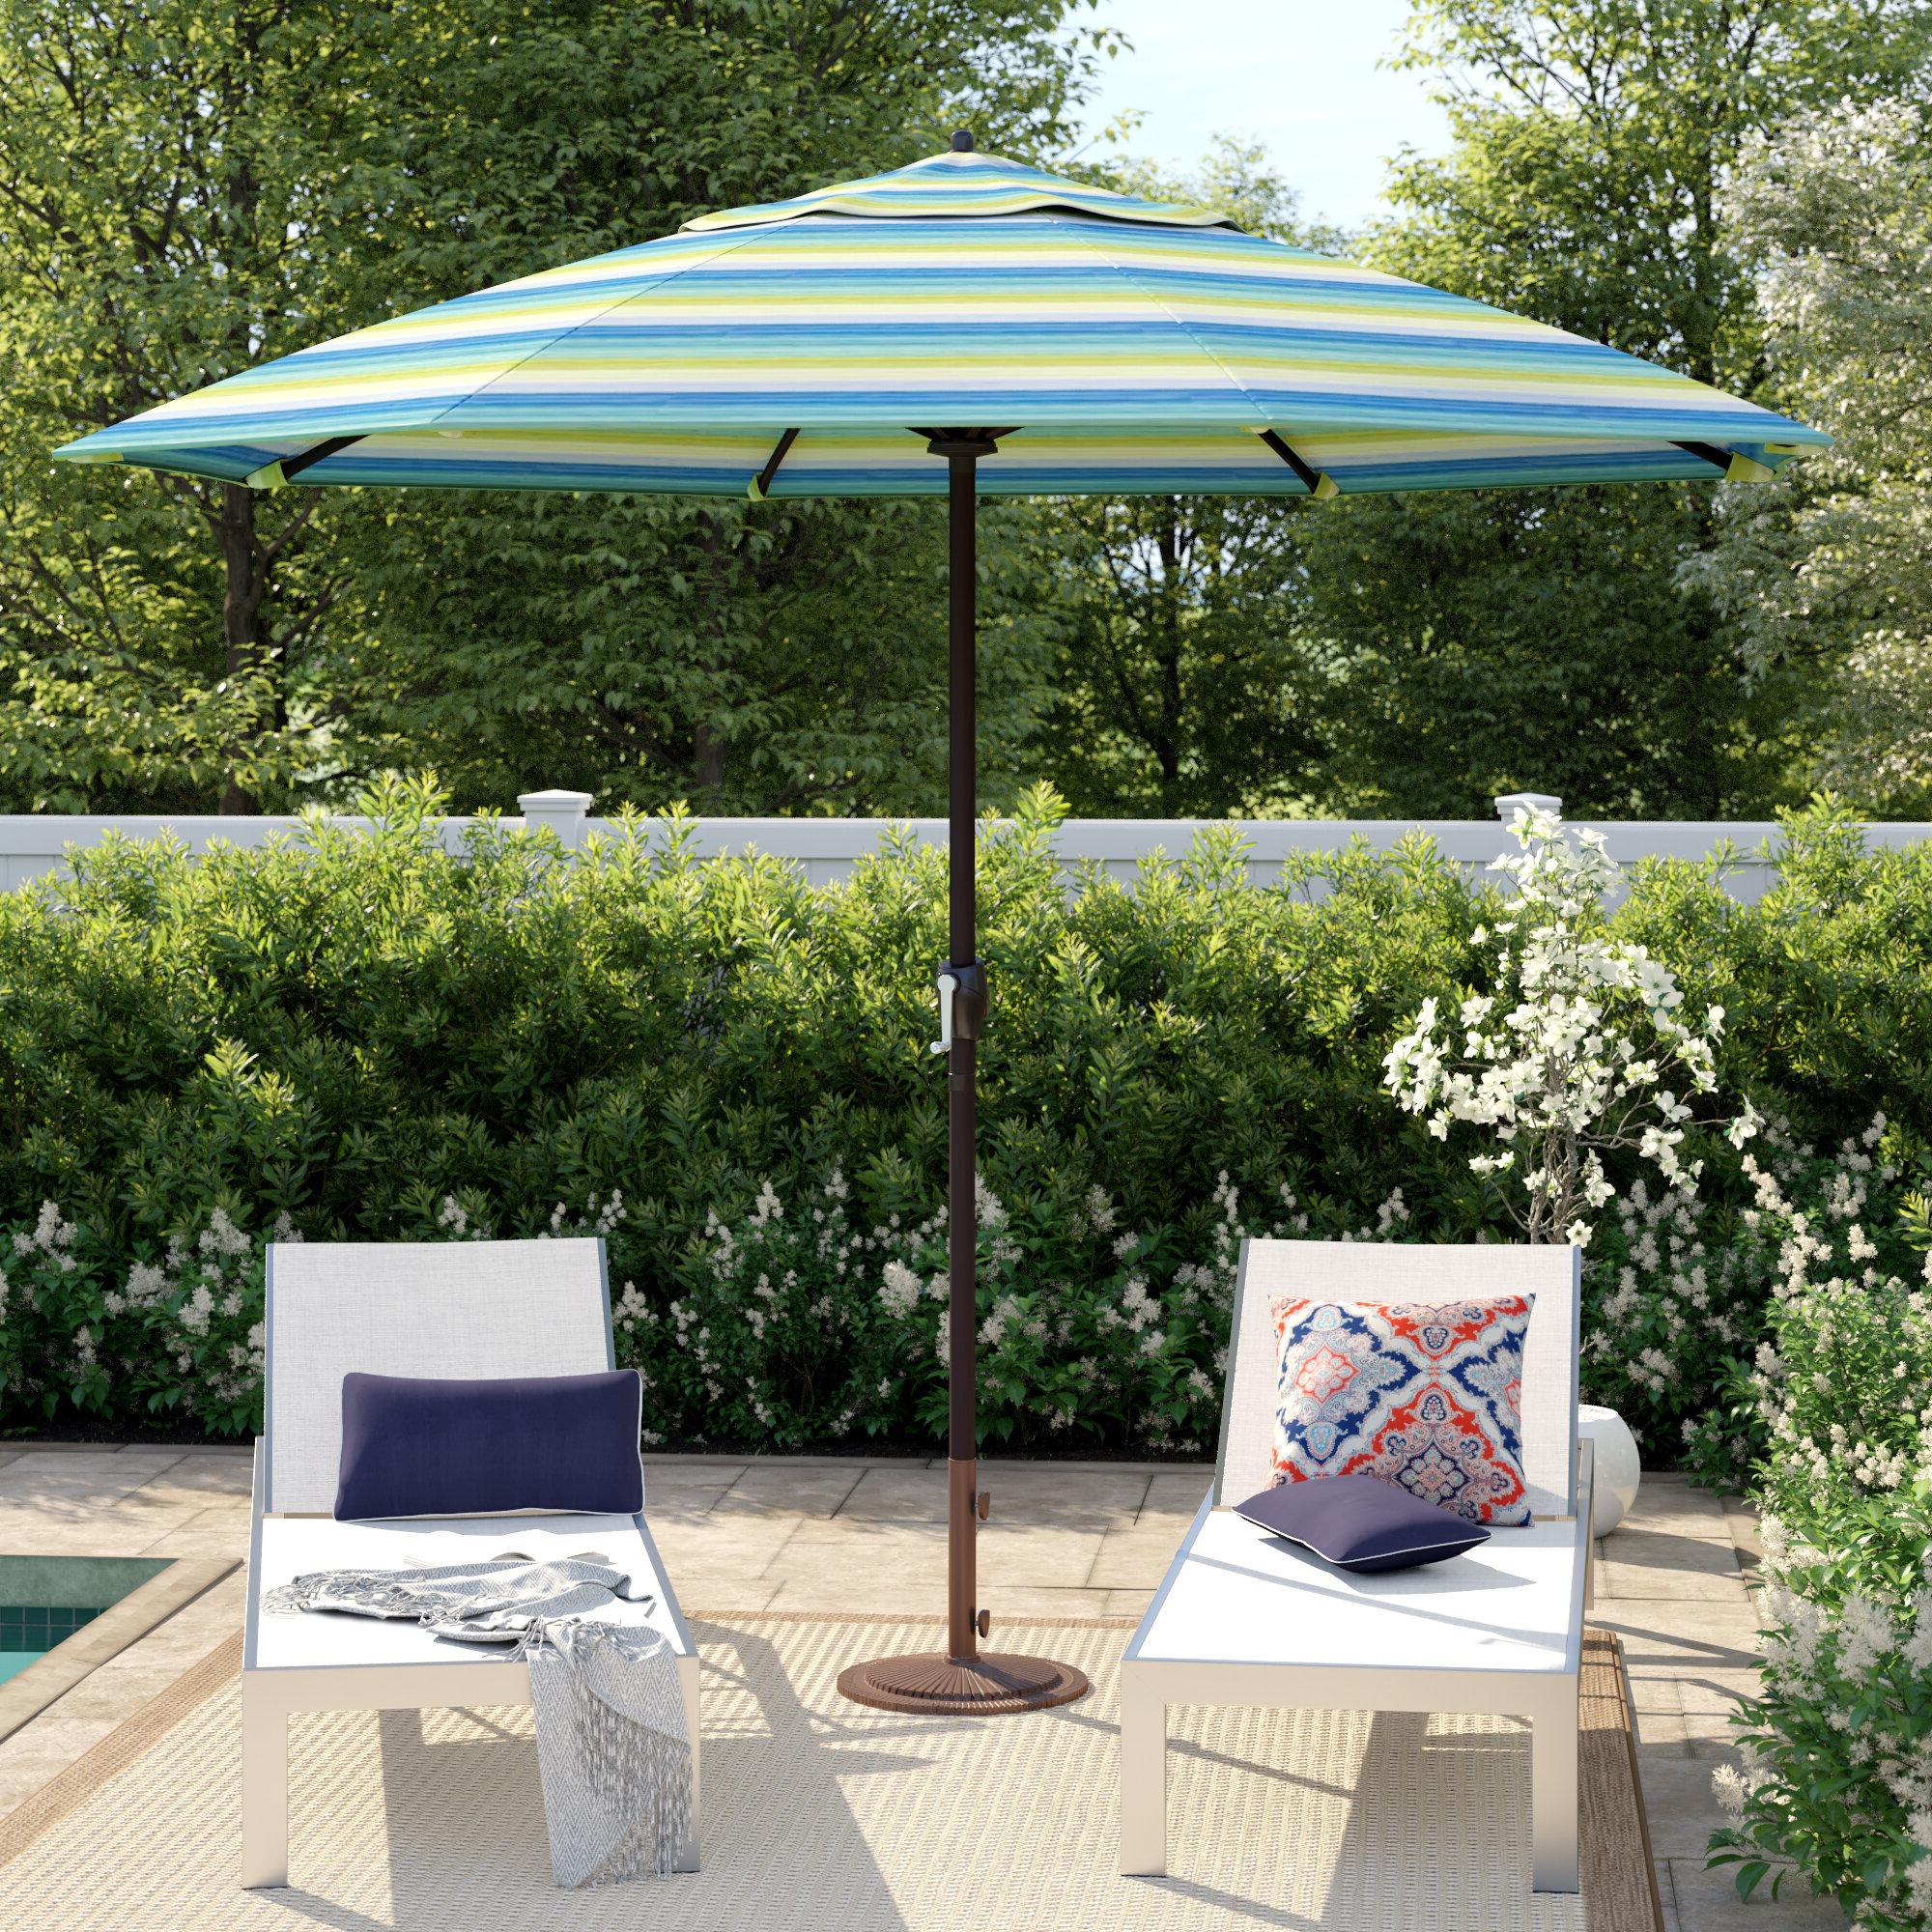 Cardine 9' Market Sunbrella Umbrella Pertaining To Popular Gainsborough Market Umbrellas (View 1 of 20)